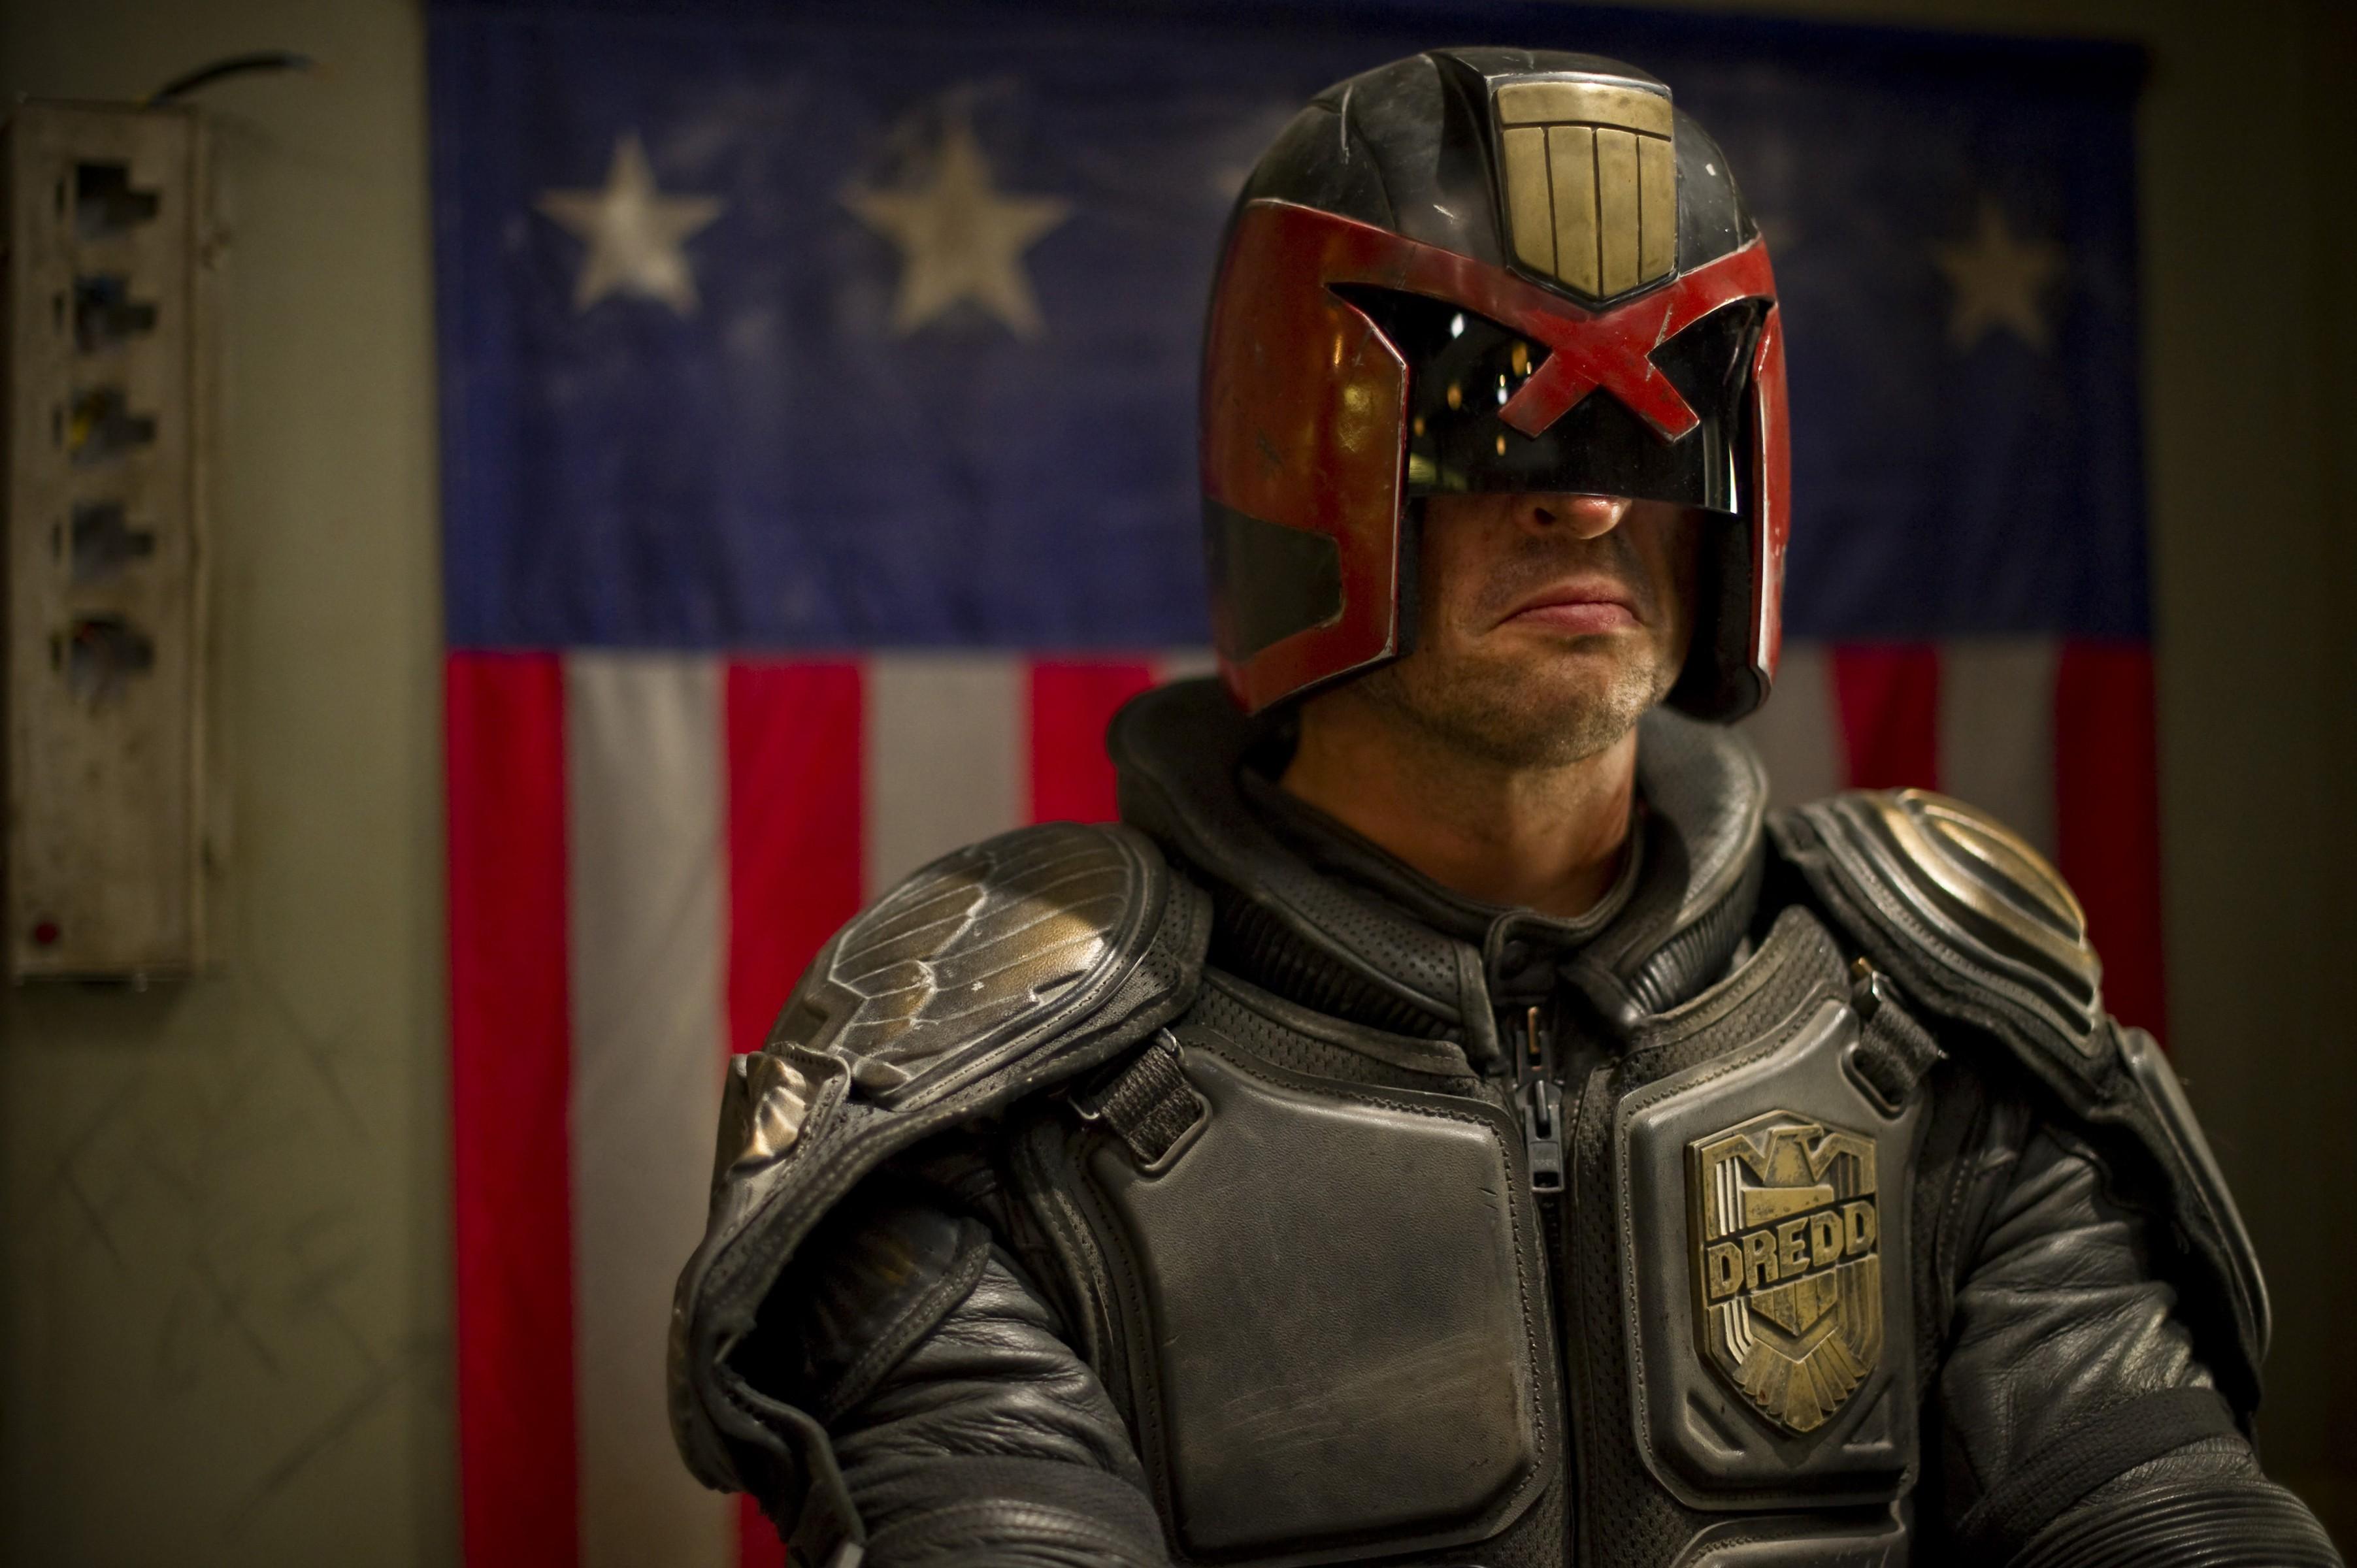 Judge Dredd Pictures